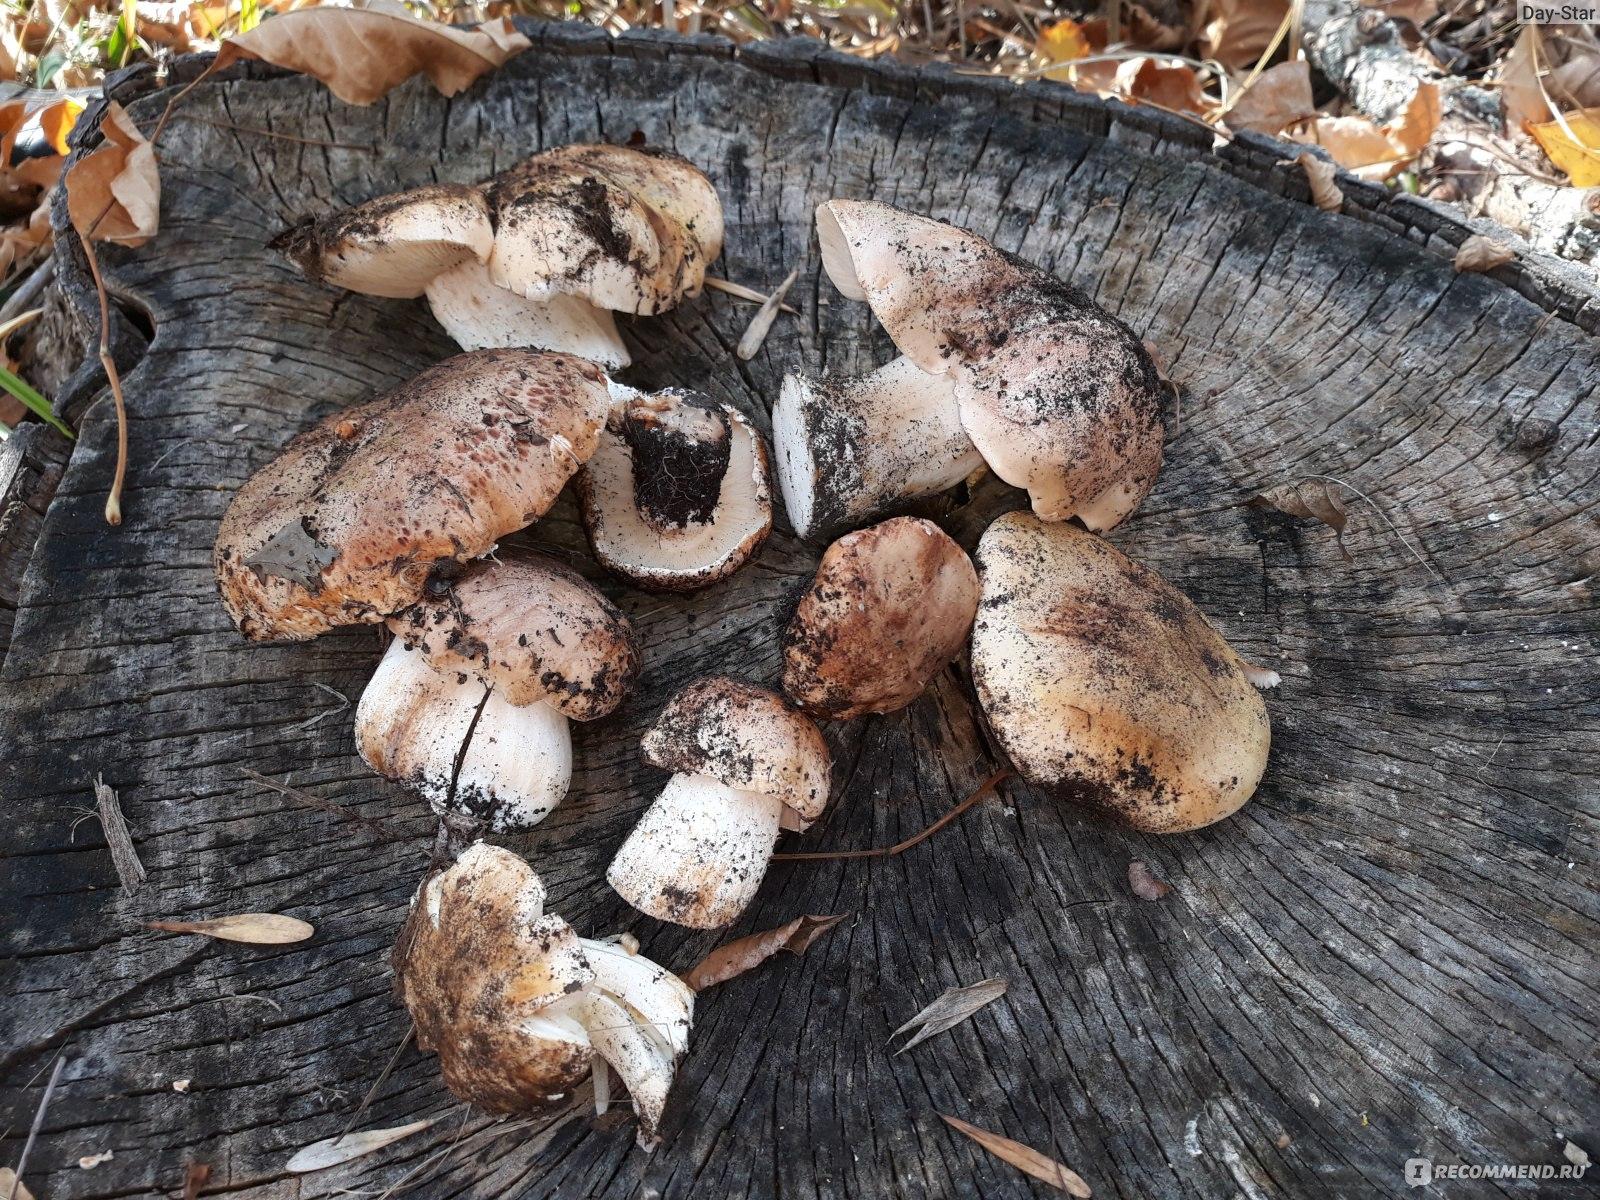 вам очень какие грибы растут в подмосковье фото подобной